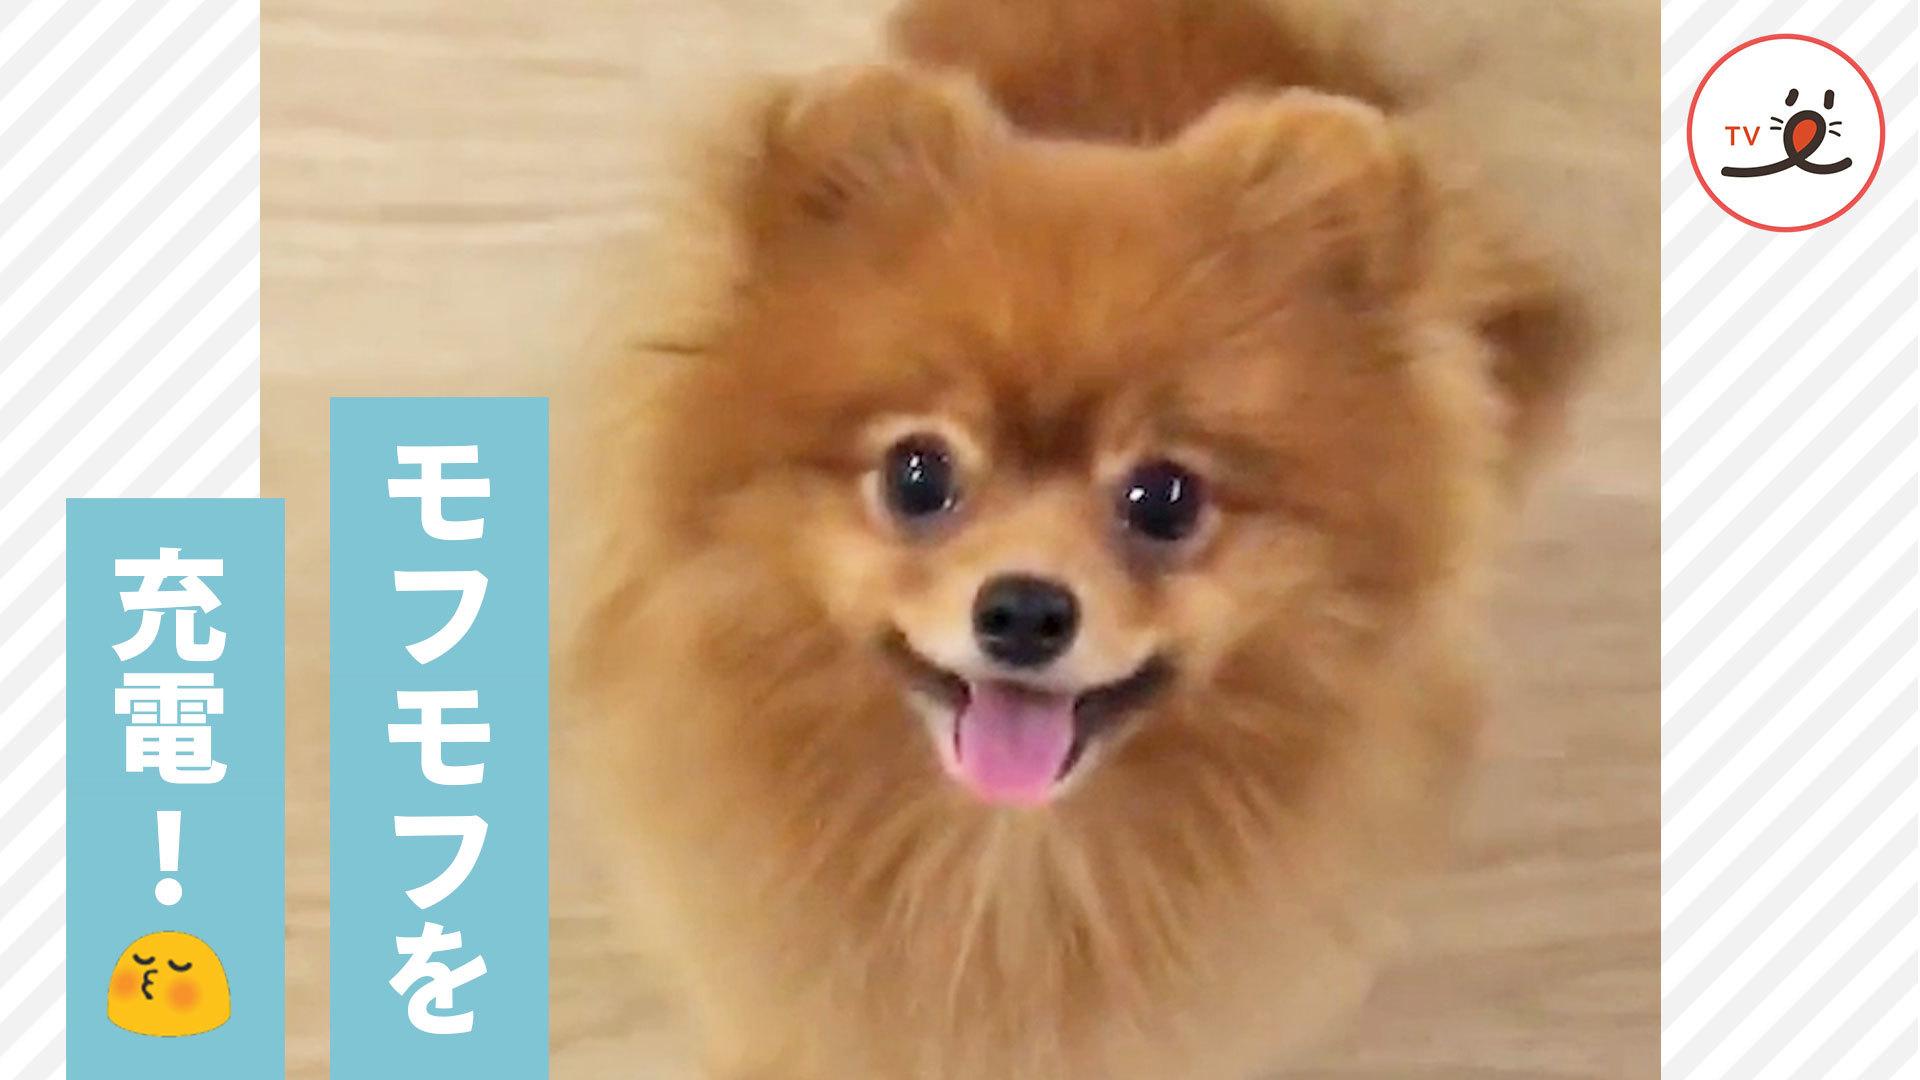 かわいいの詰め合わせ✨ ポメラニアンの愛らしすぎる姿に癒される〜!